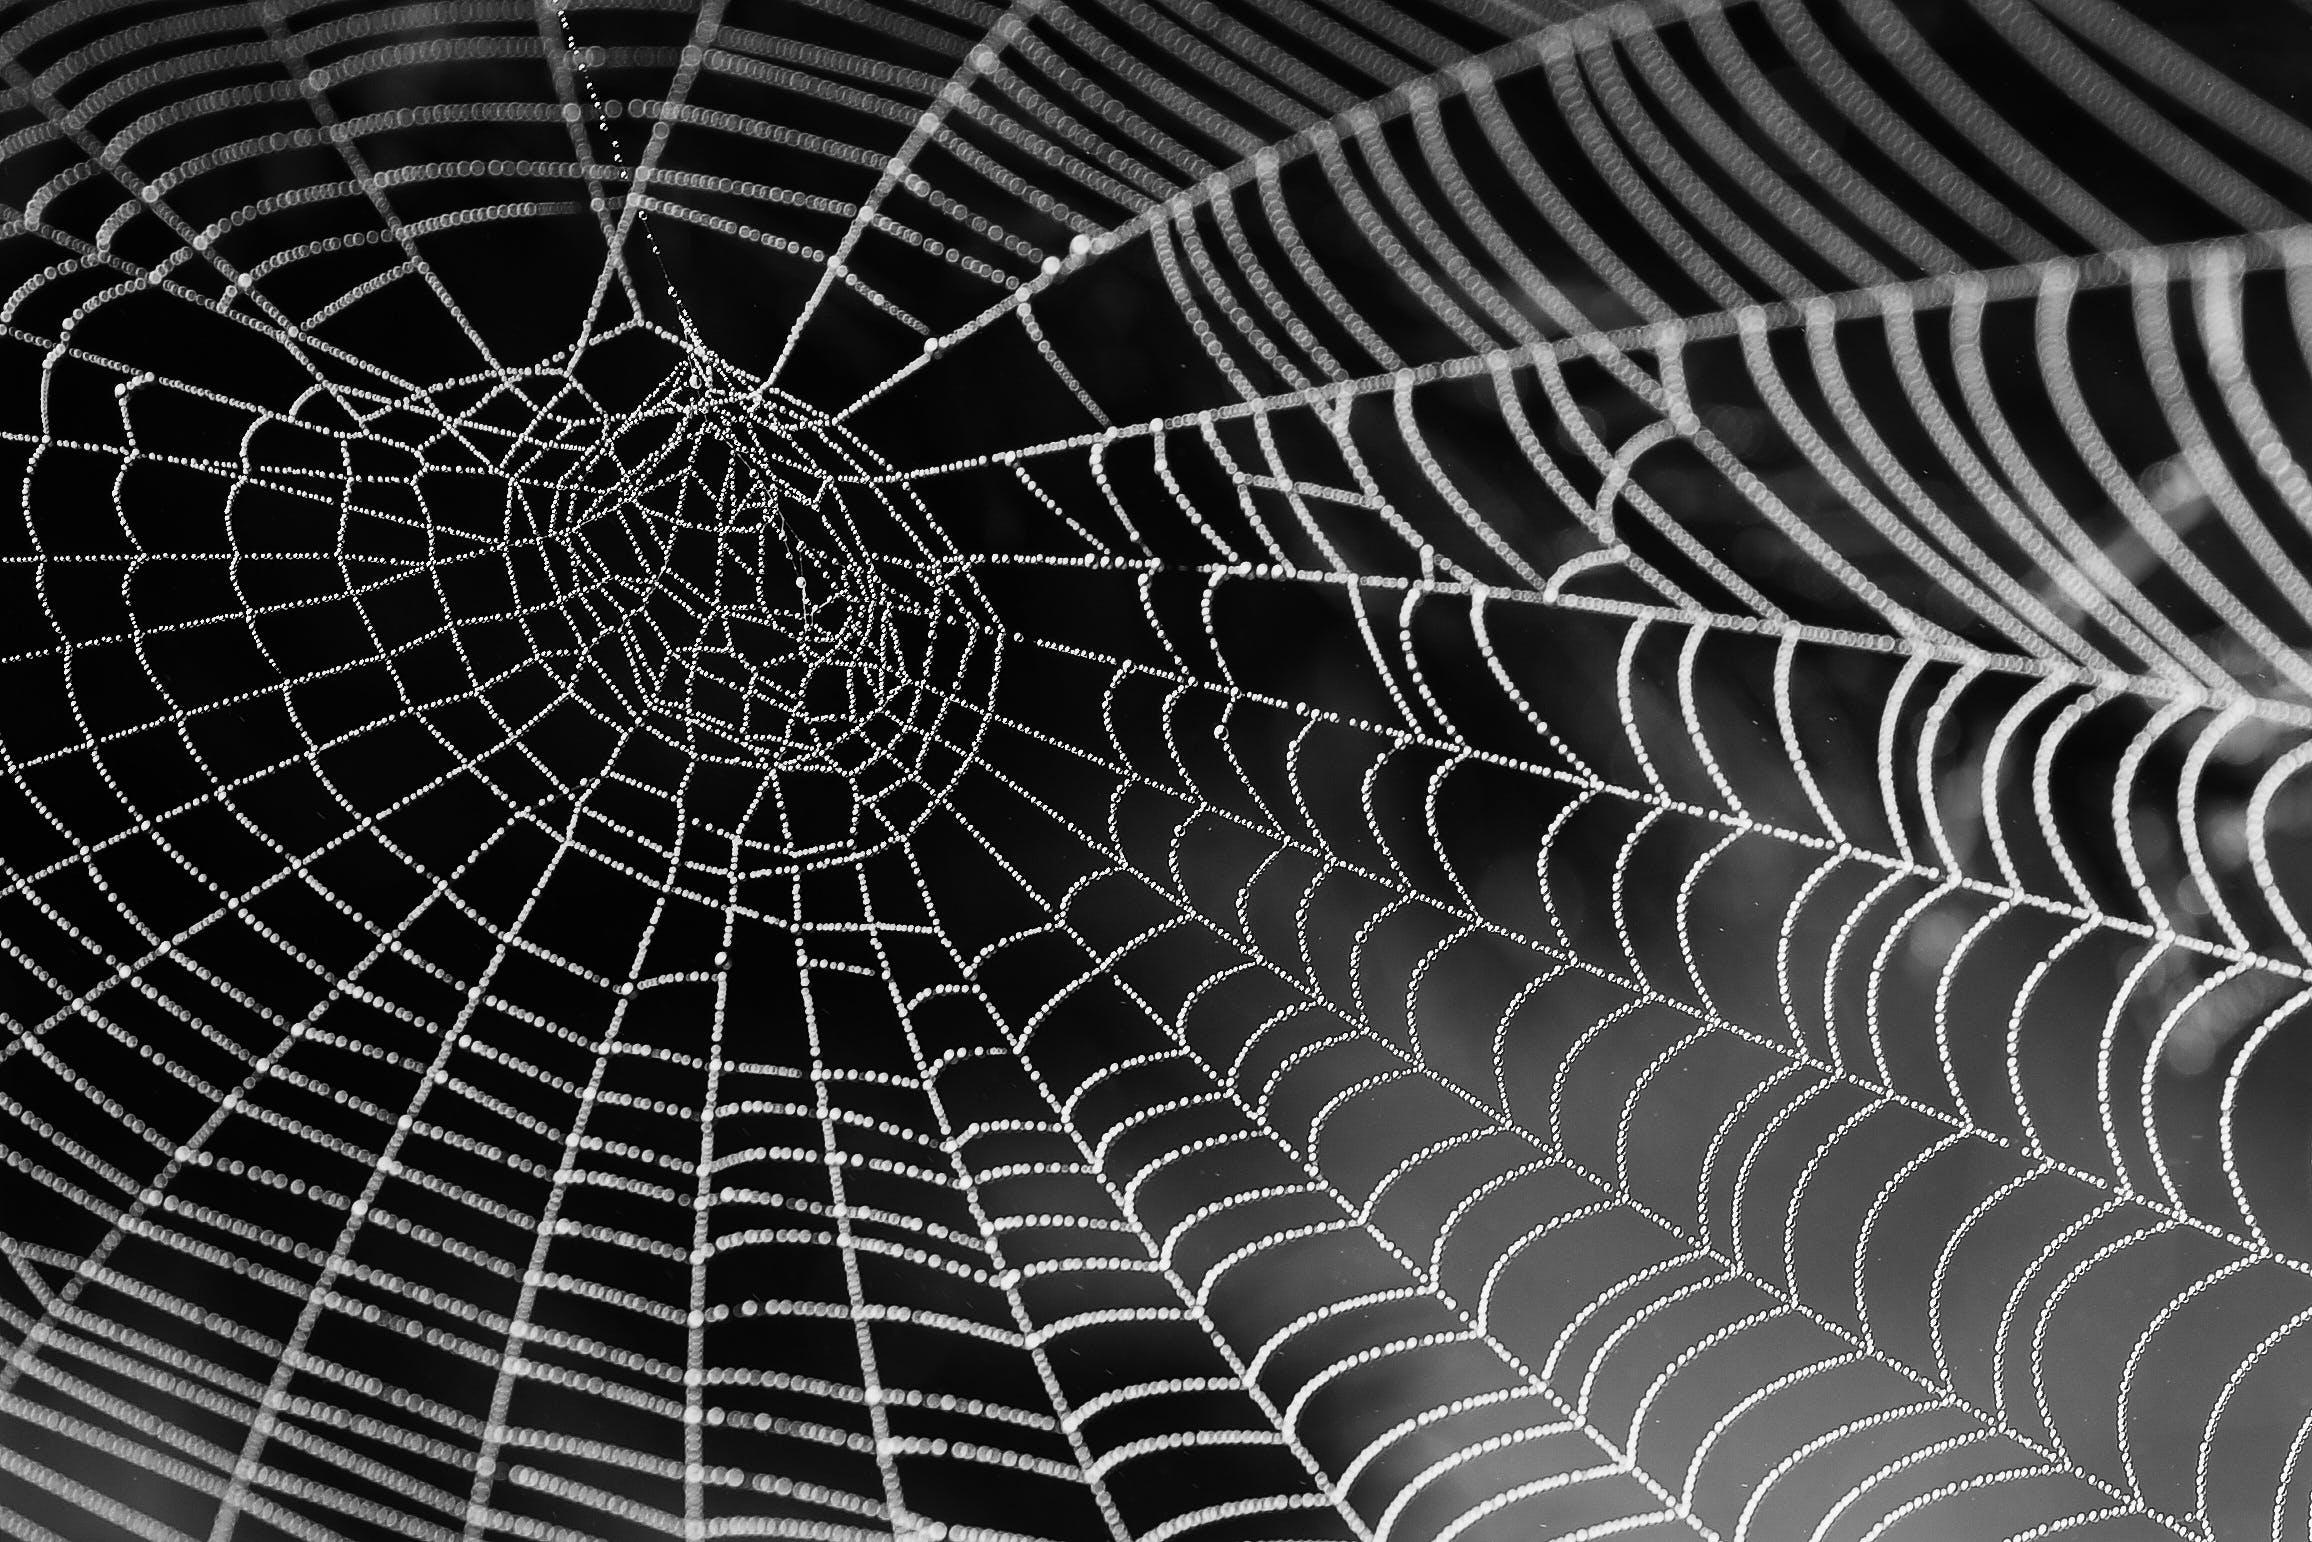 Gratis arkivbilde med edderkopp, edderkoppnett, nærbilde, spindelvev